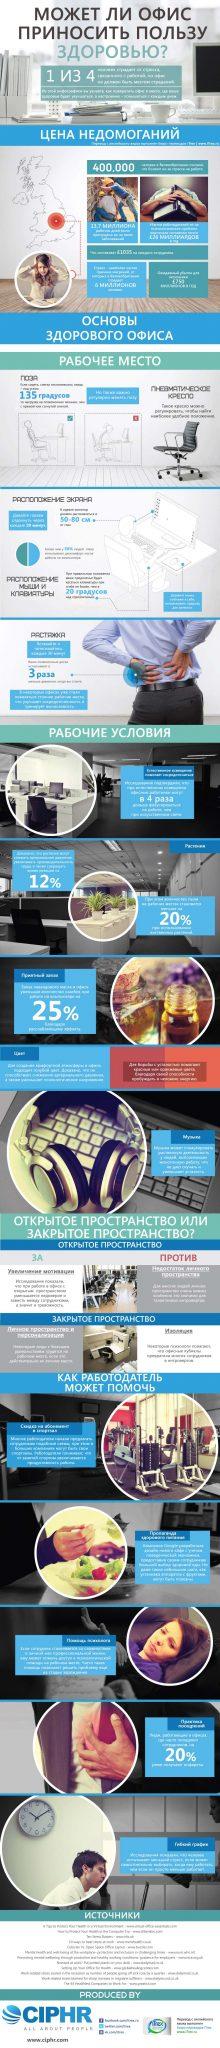 You are currently viewing Может ли офис приносить пользу здоровью?